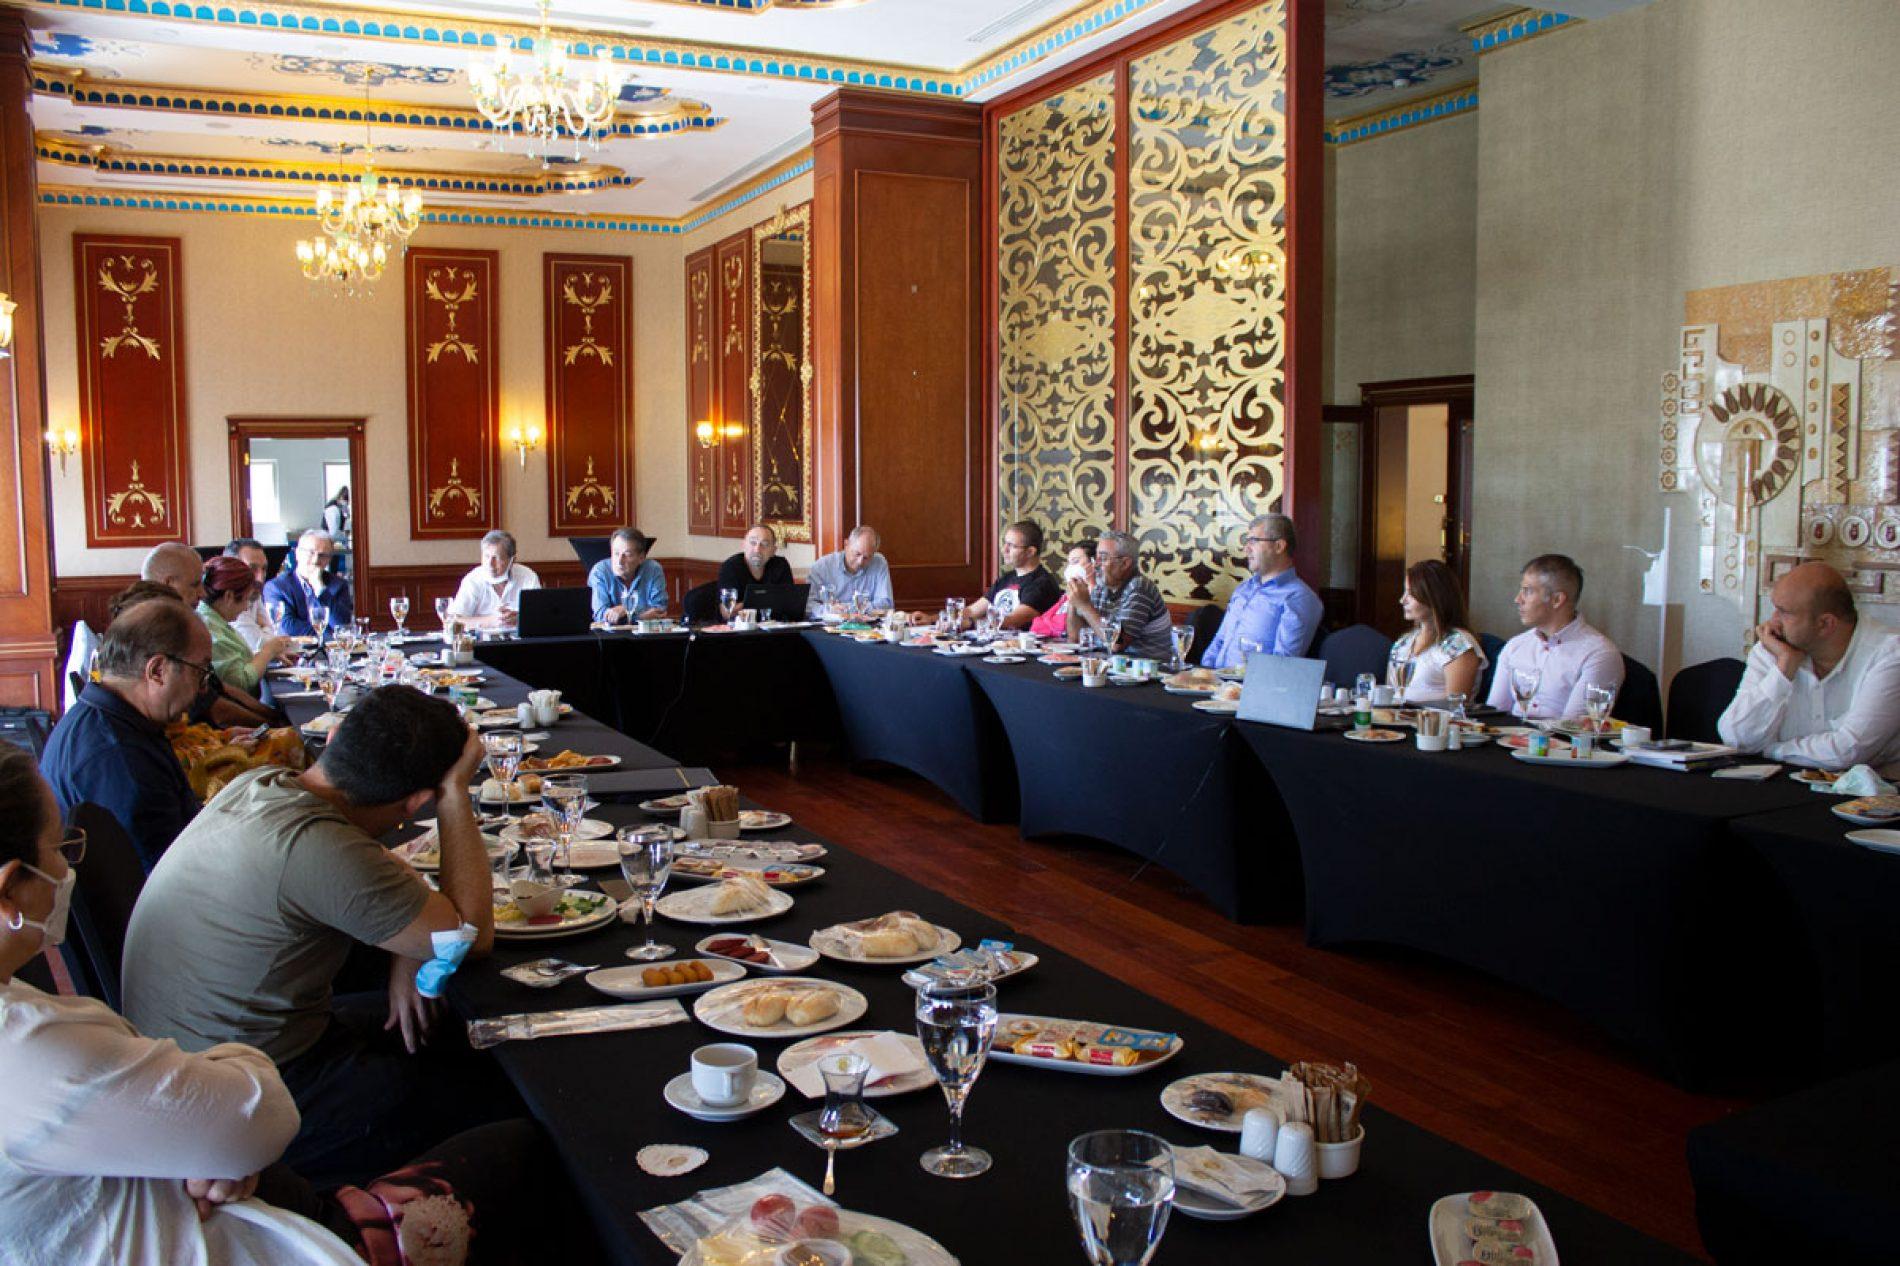 TBD Merkez İcra Kurulu 2022 yılı çalışmalarını planlamak üzere ilk toplantısını gerçekleştirdi.